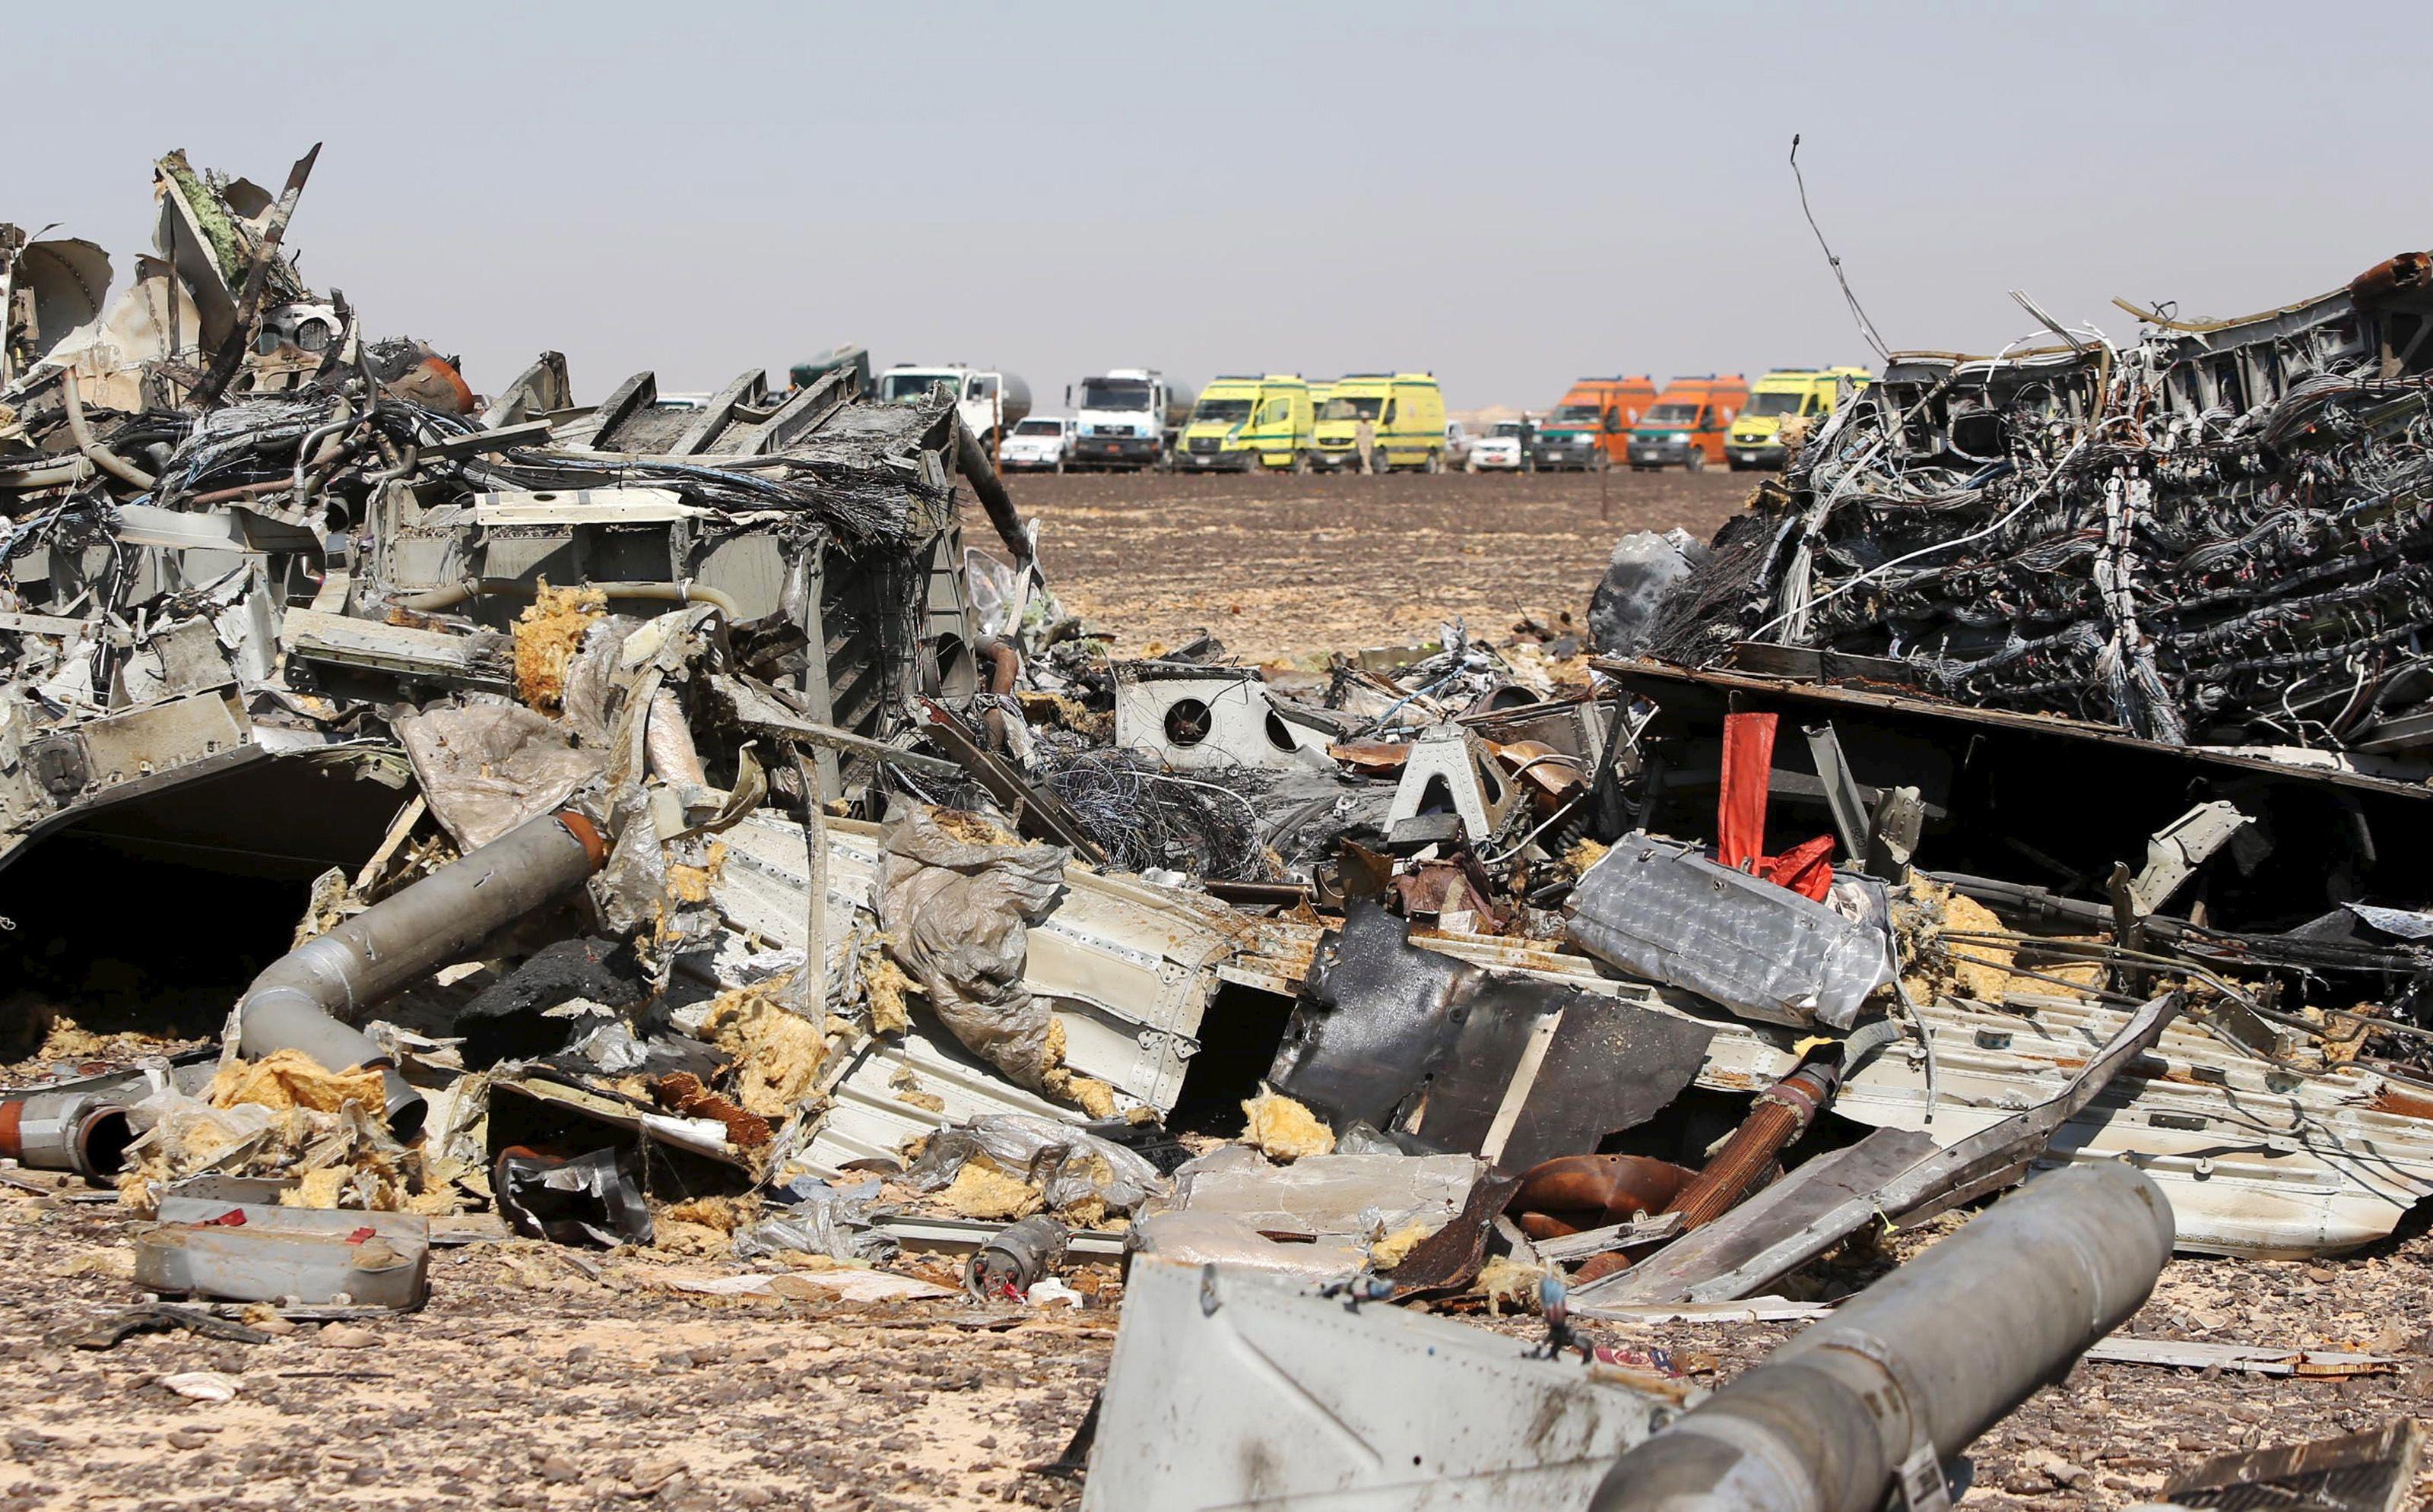 Crash dans le Sinaï: l'hypothèse d'une bombe à bord privilégiée par Obama et Cameron